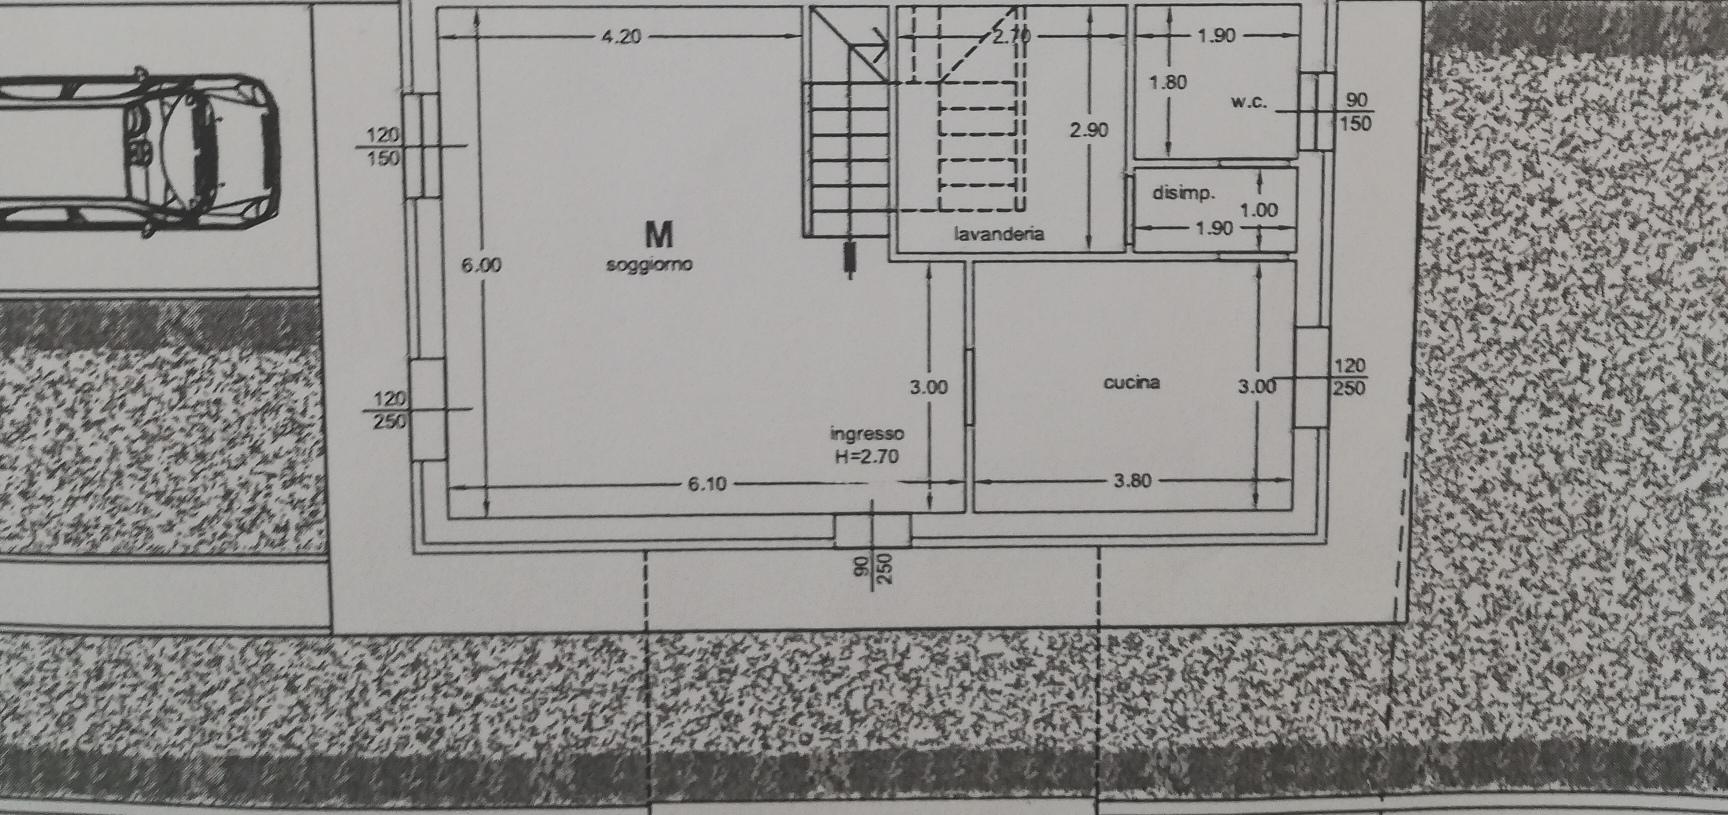 Planimetria /3 per rif. sd5183v